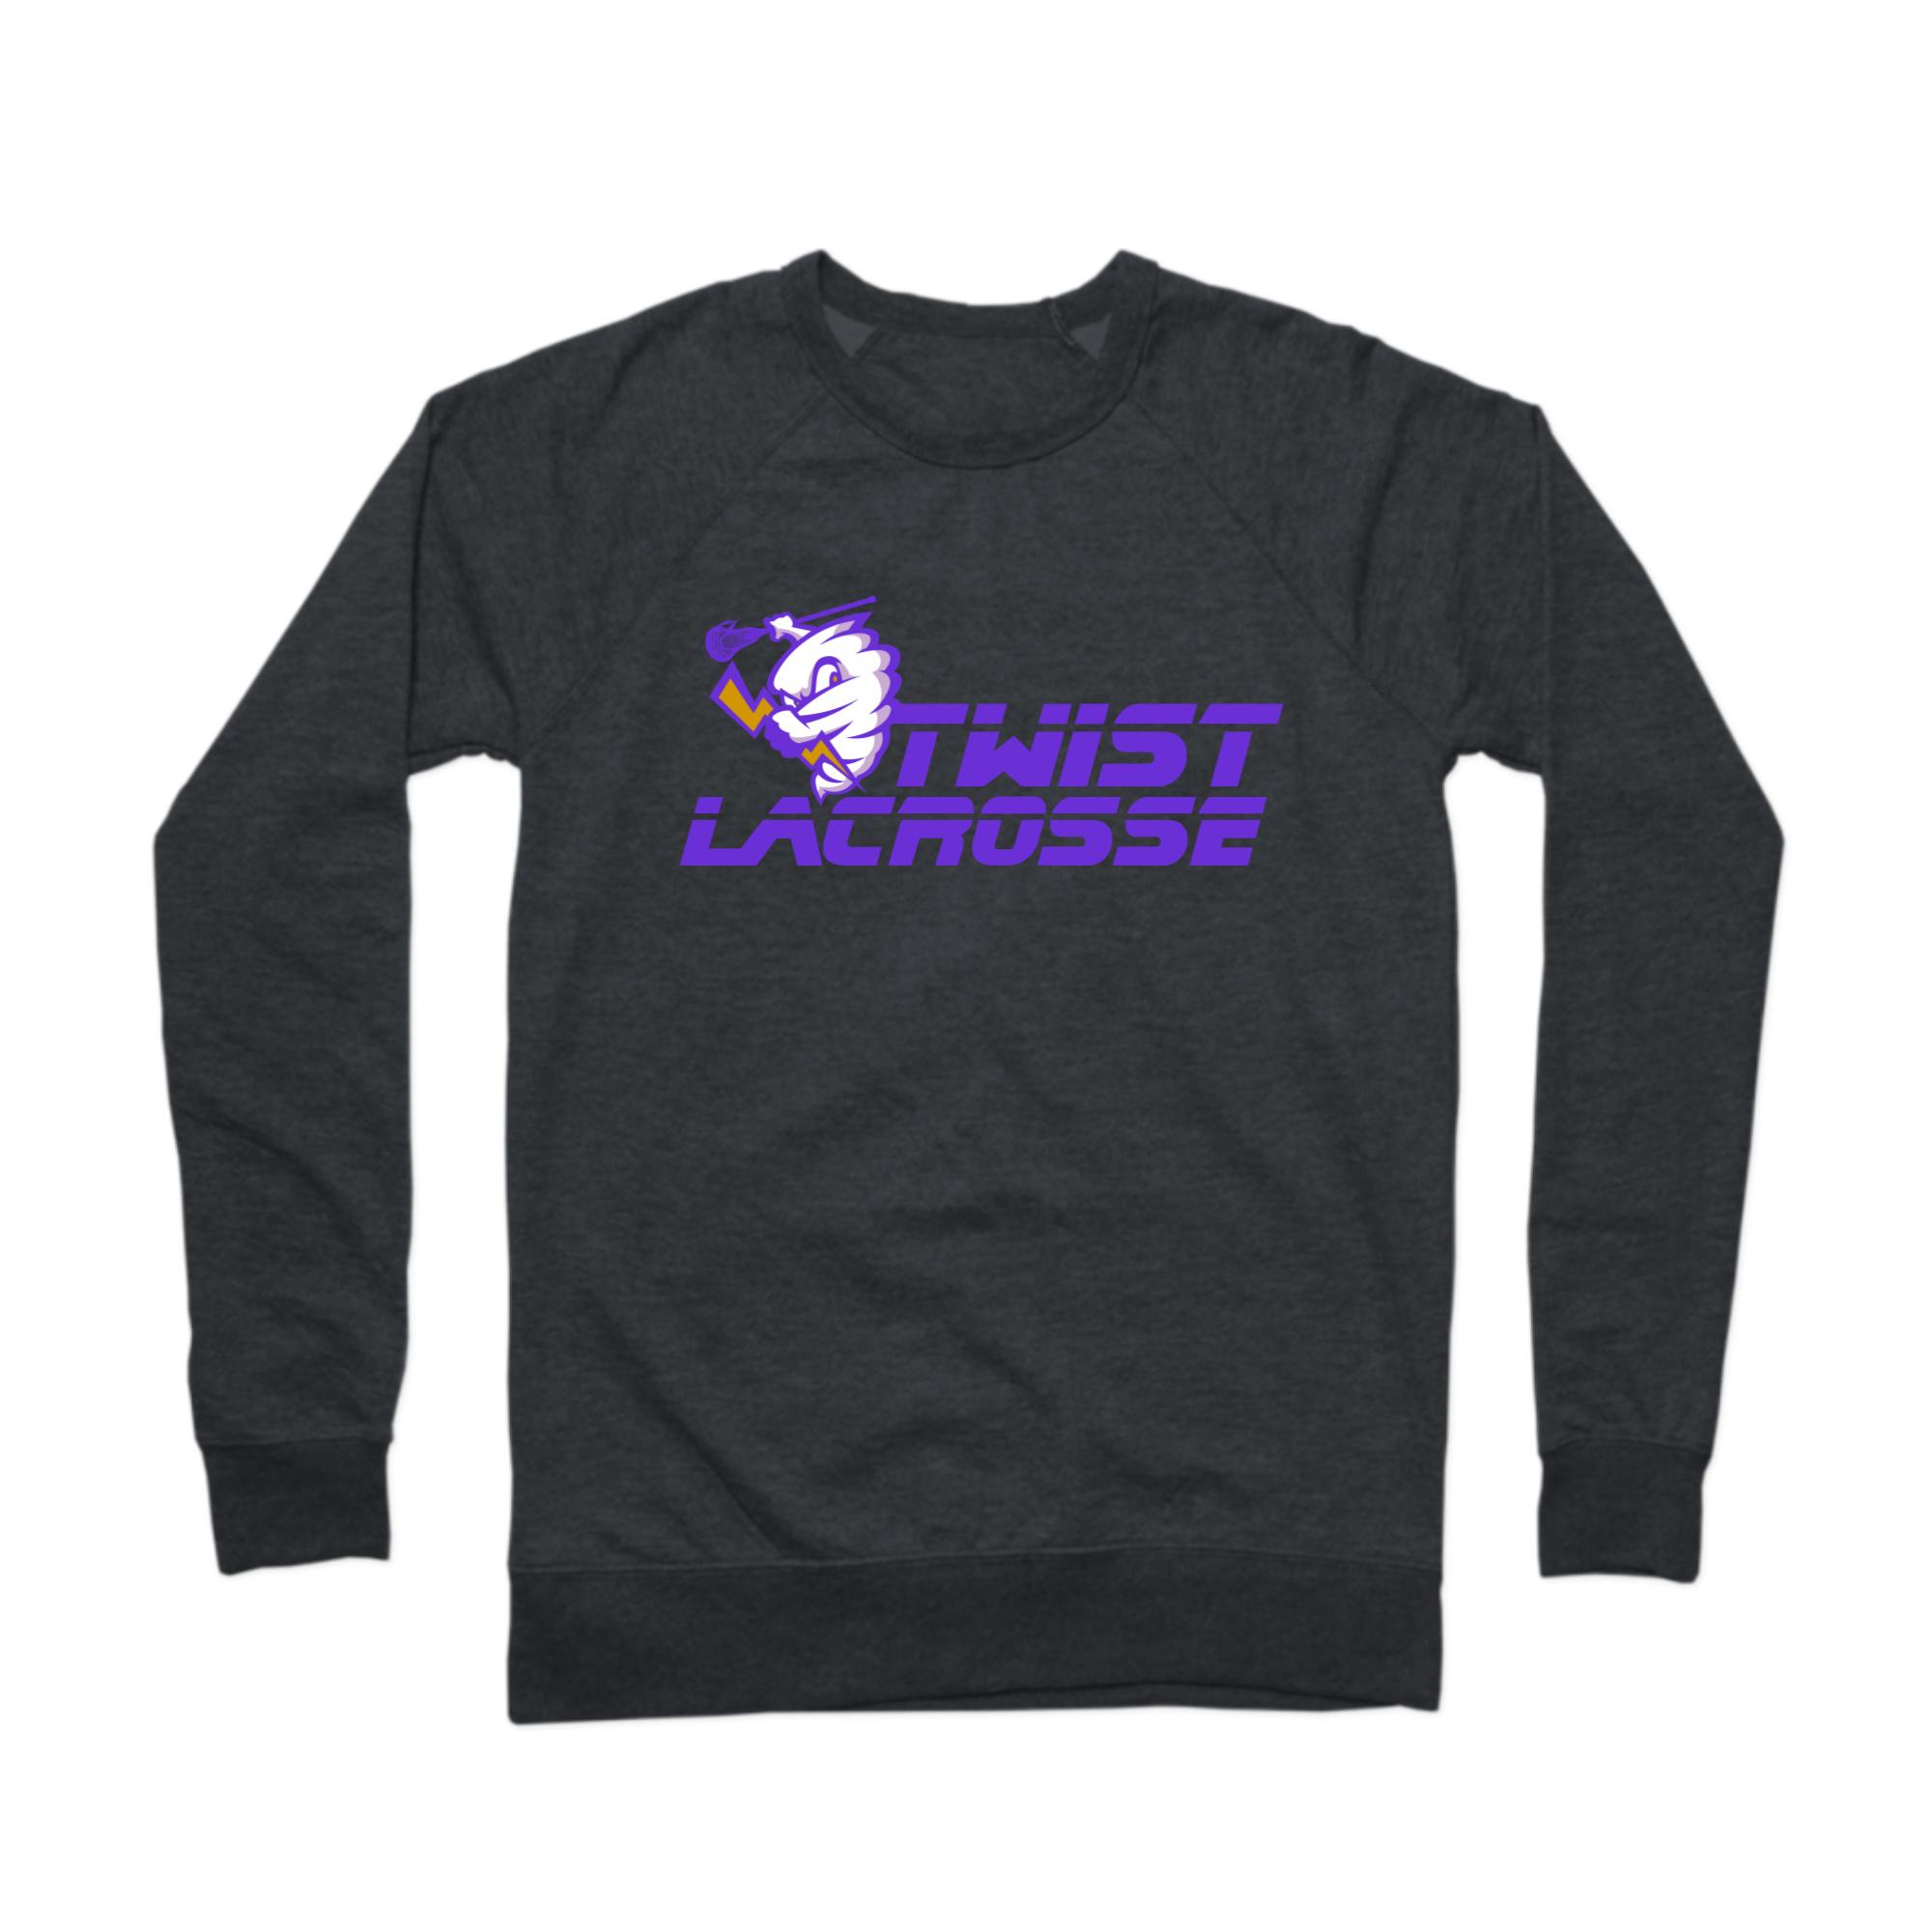 Twist Lacrosse Crew